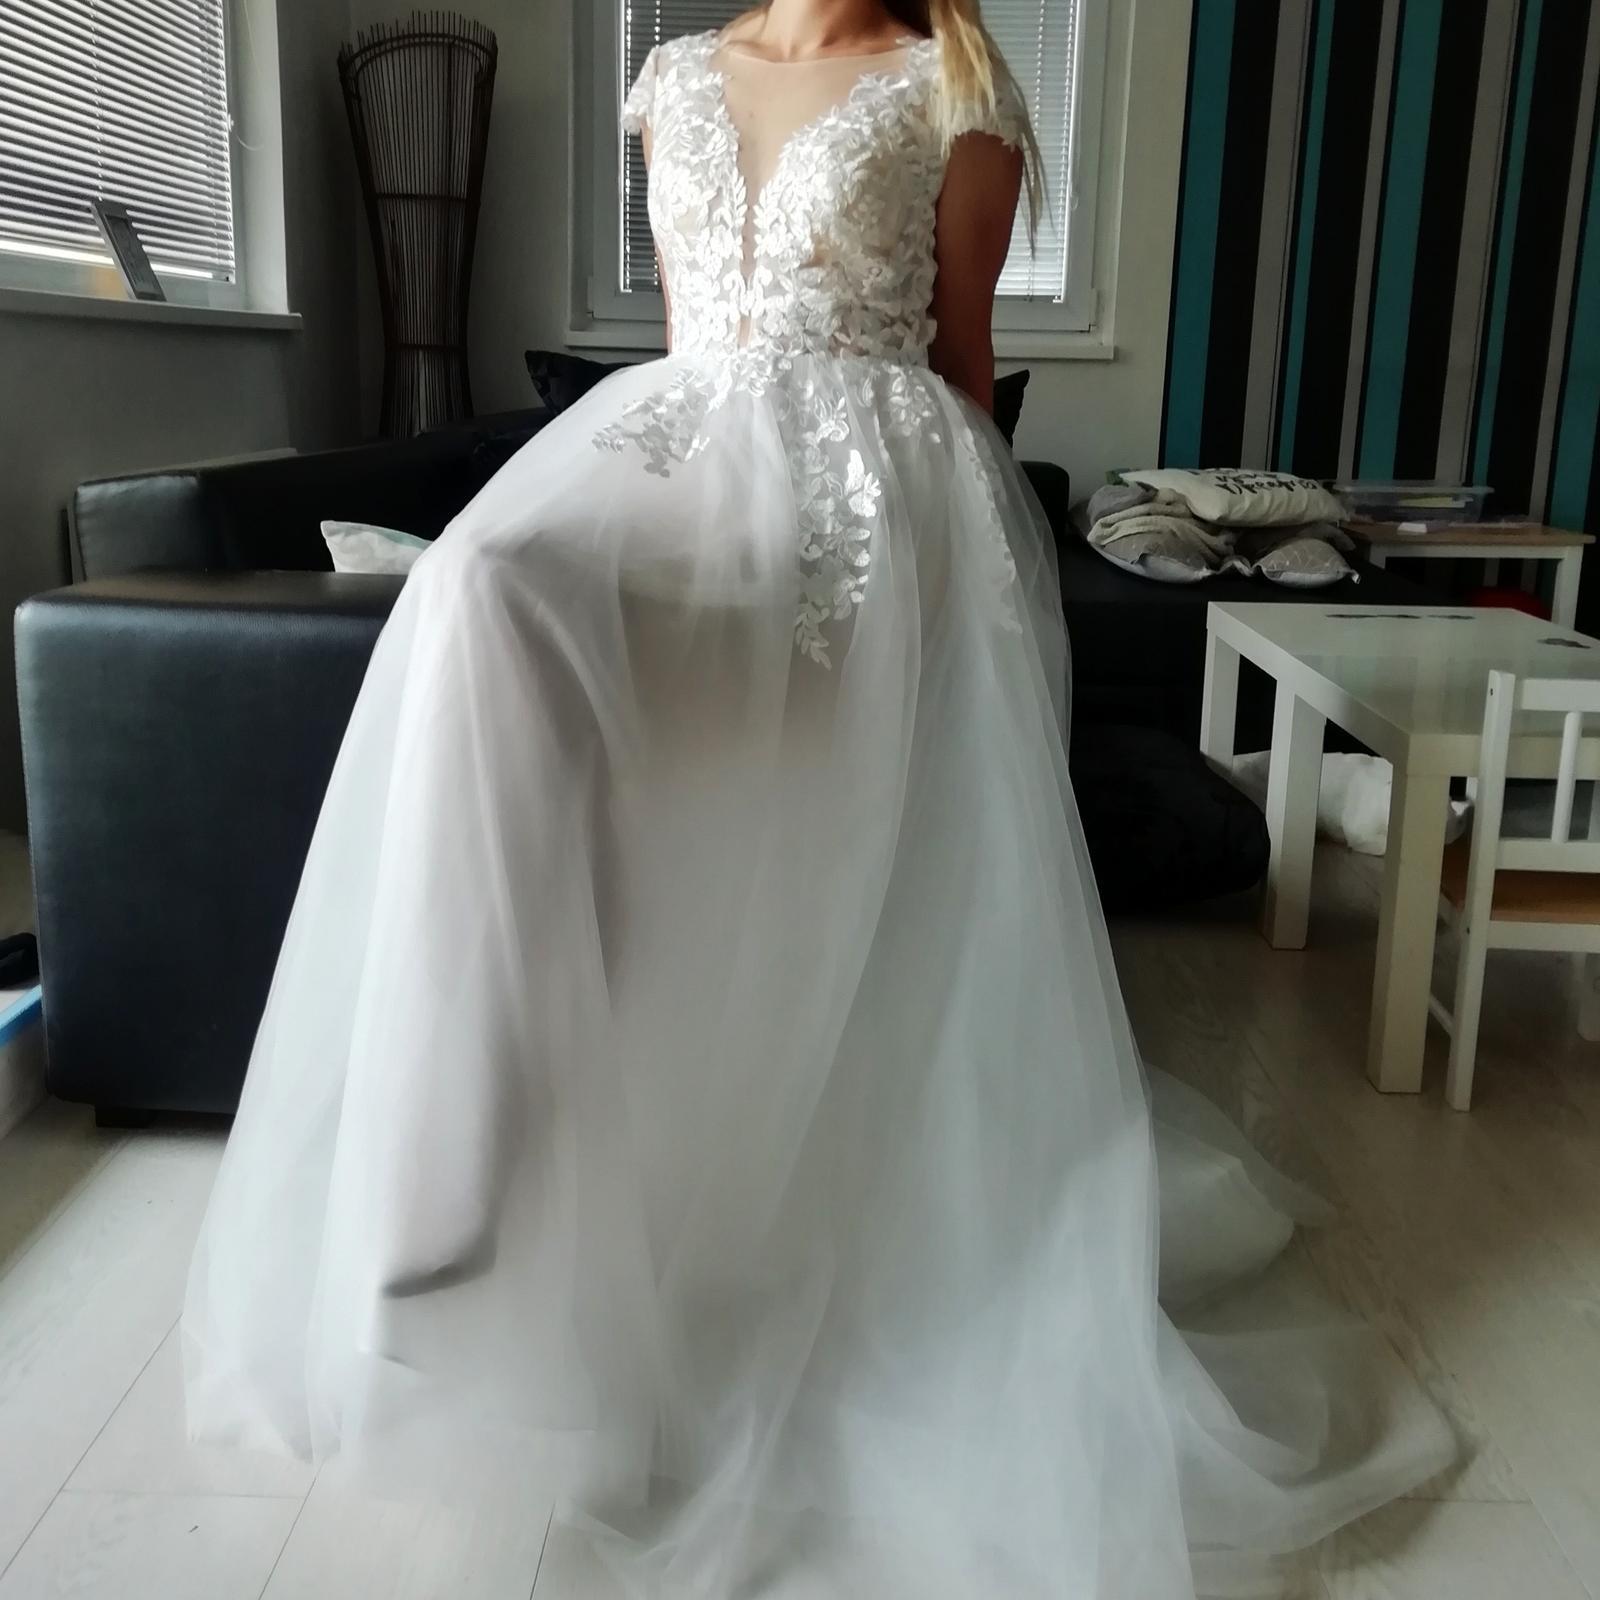 Nádherné krajkové šaty - Obrázek č. 1